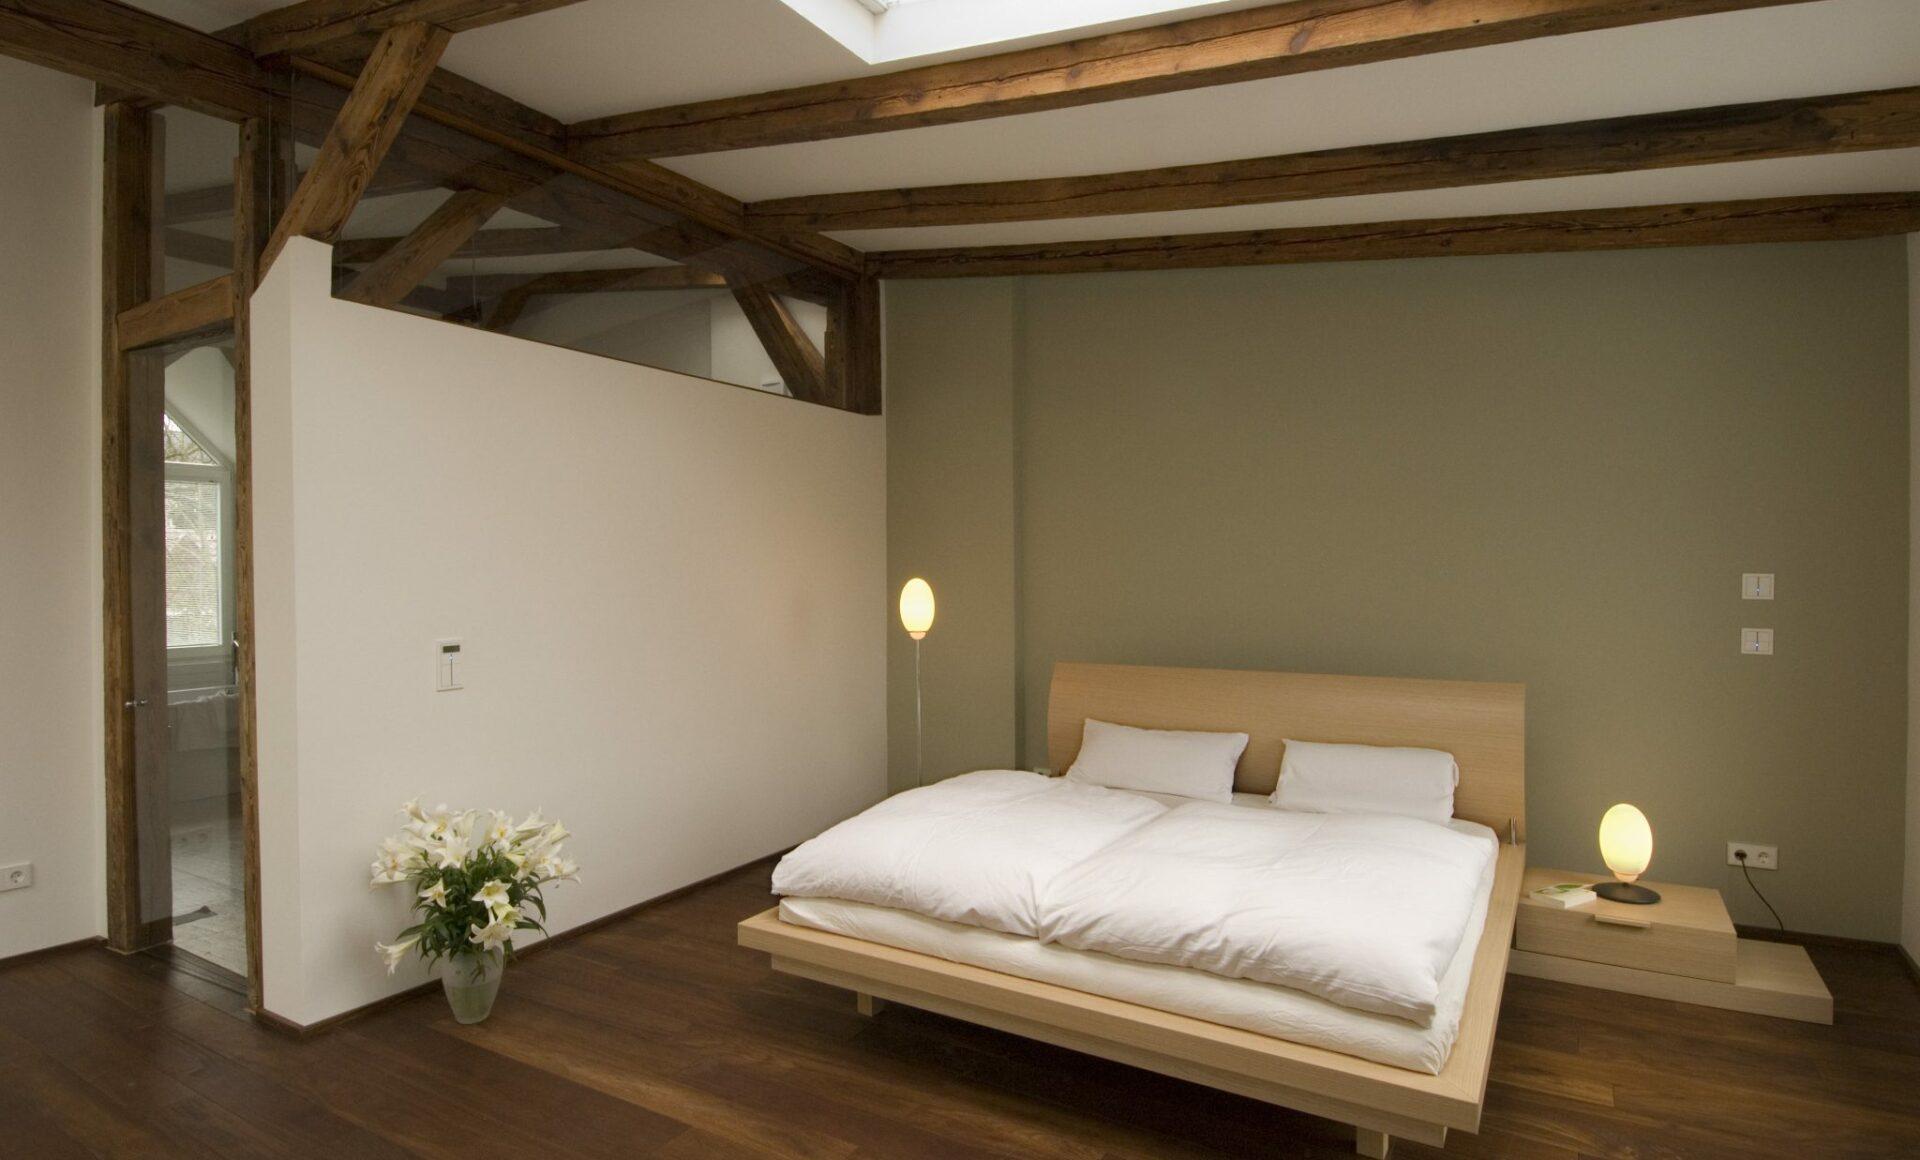 Schlafzimmer Dachbalken